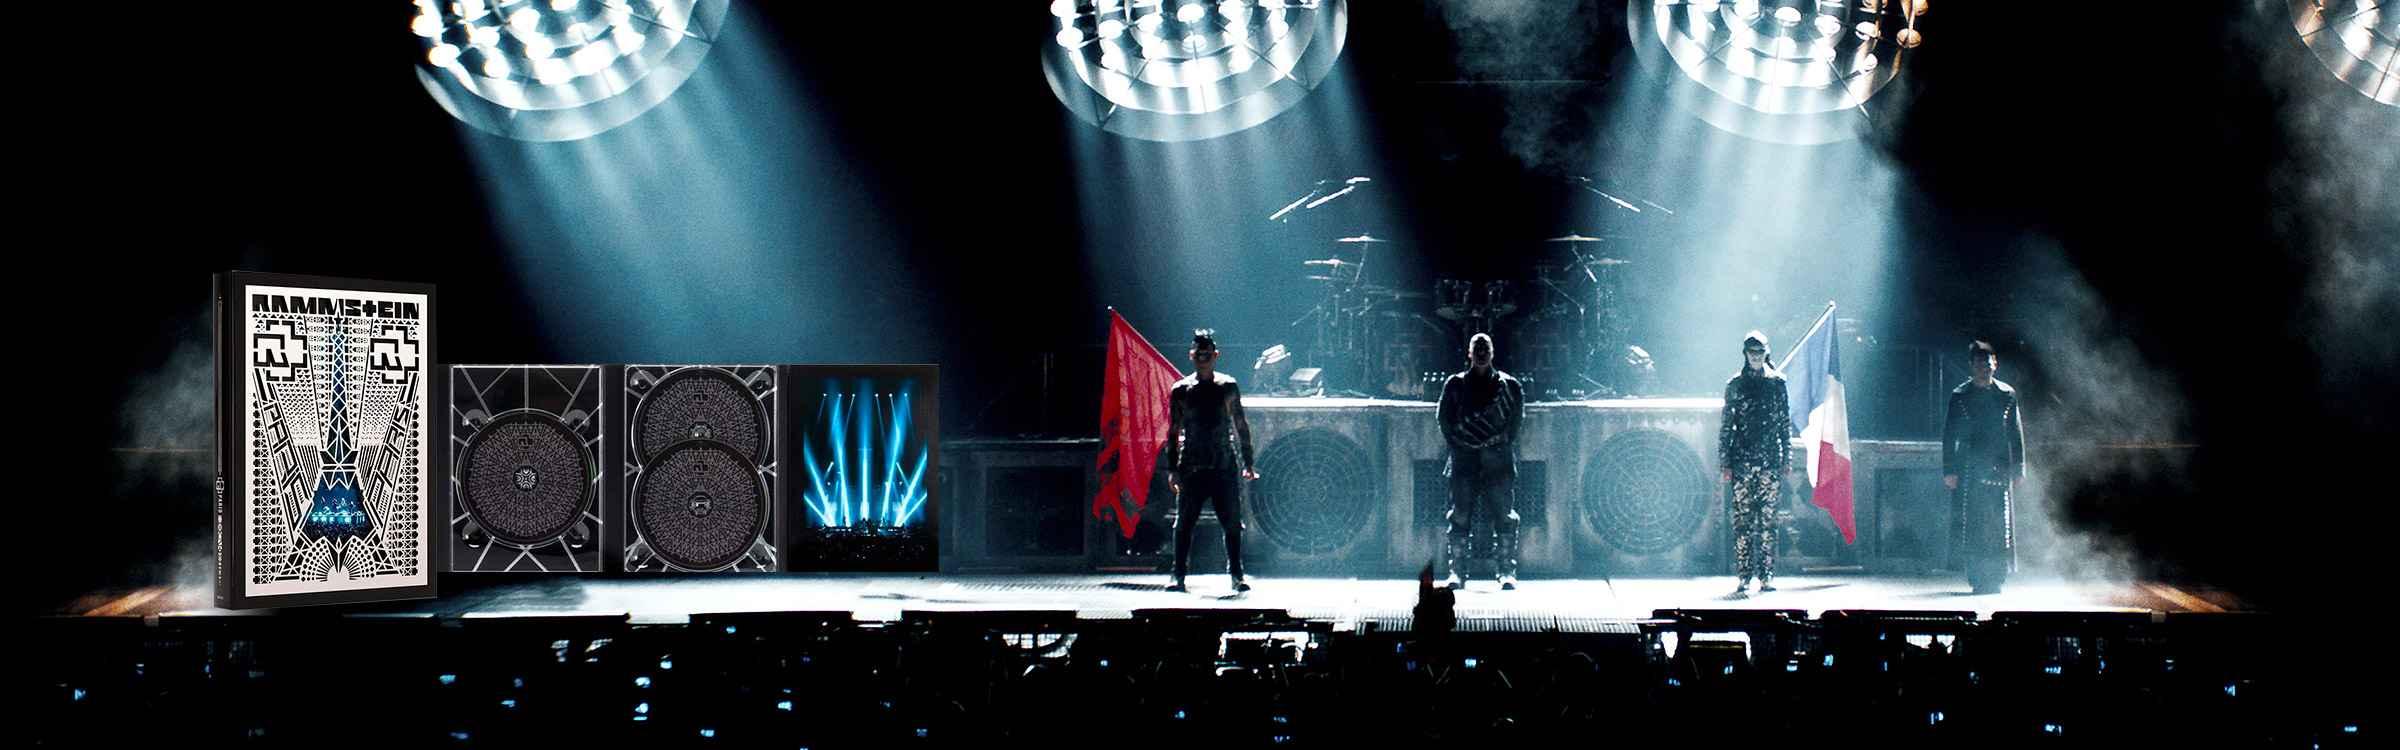 Rammstein World